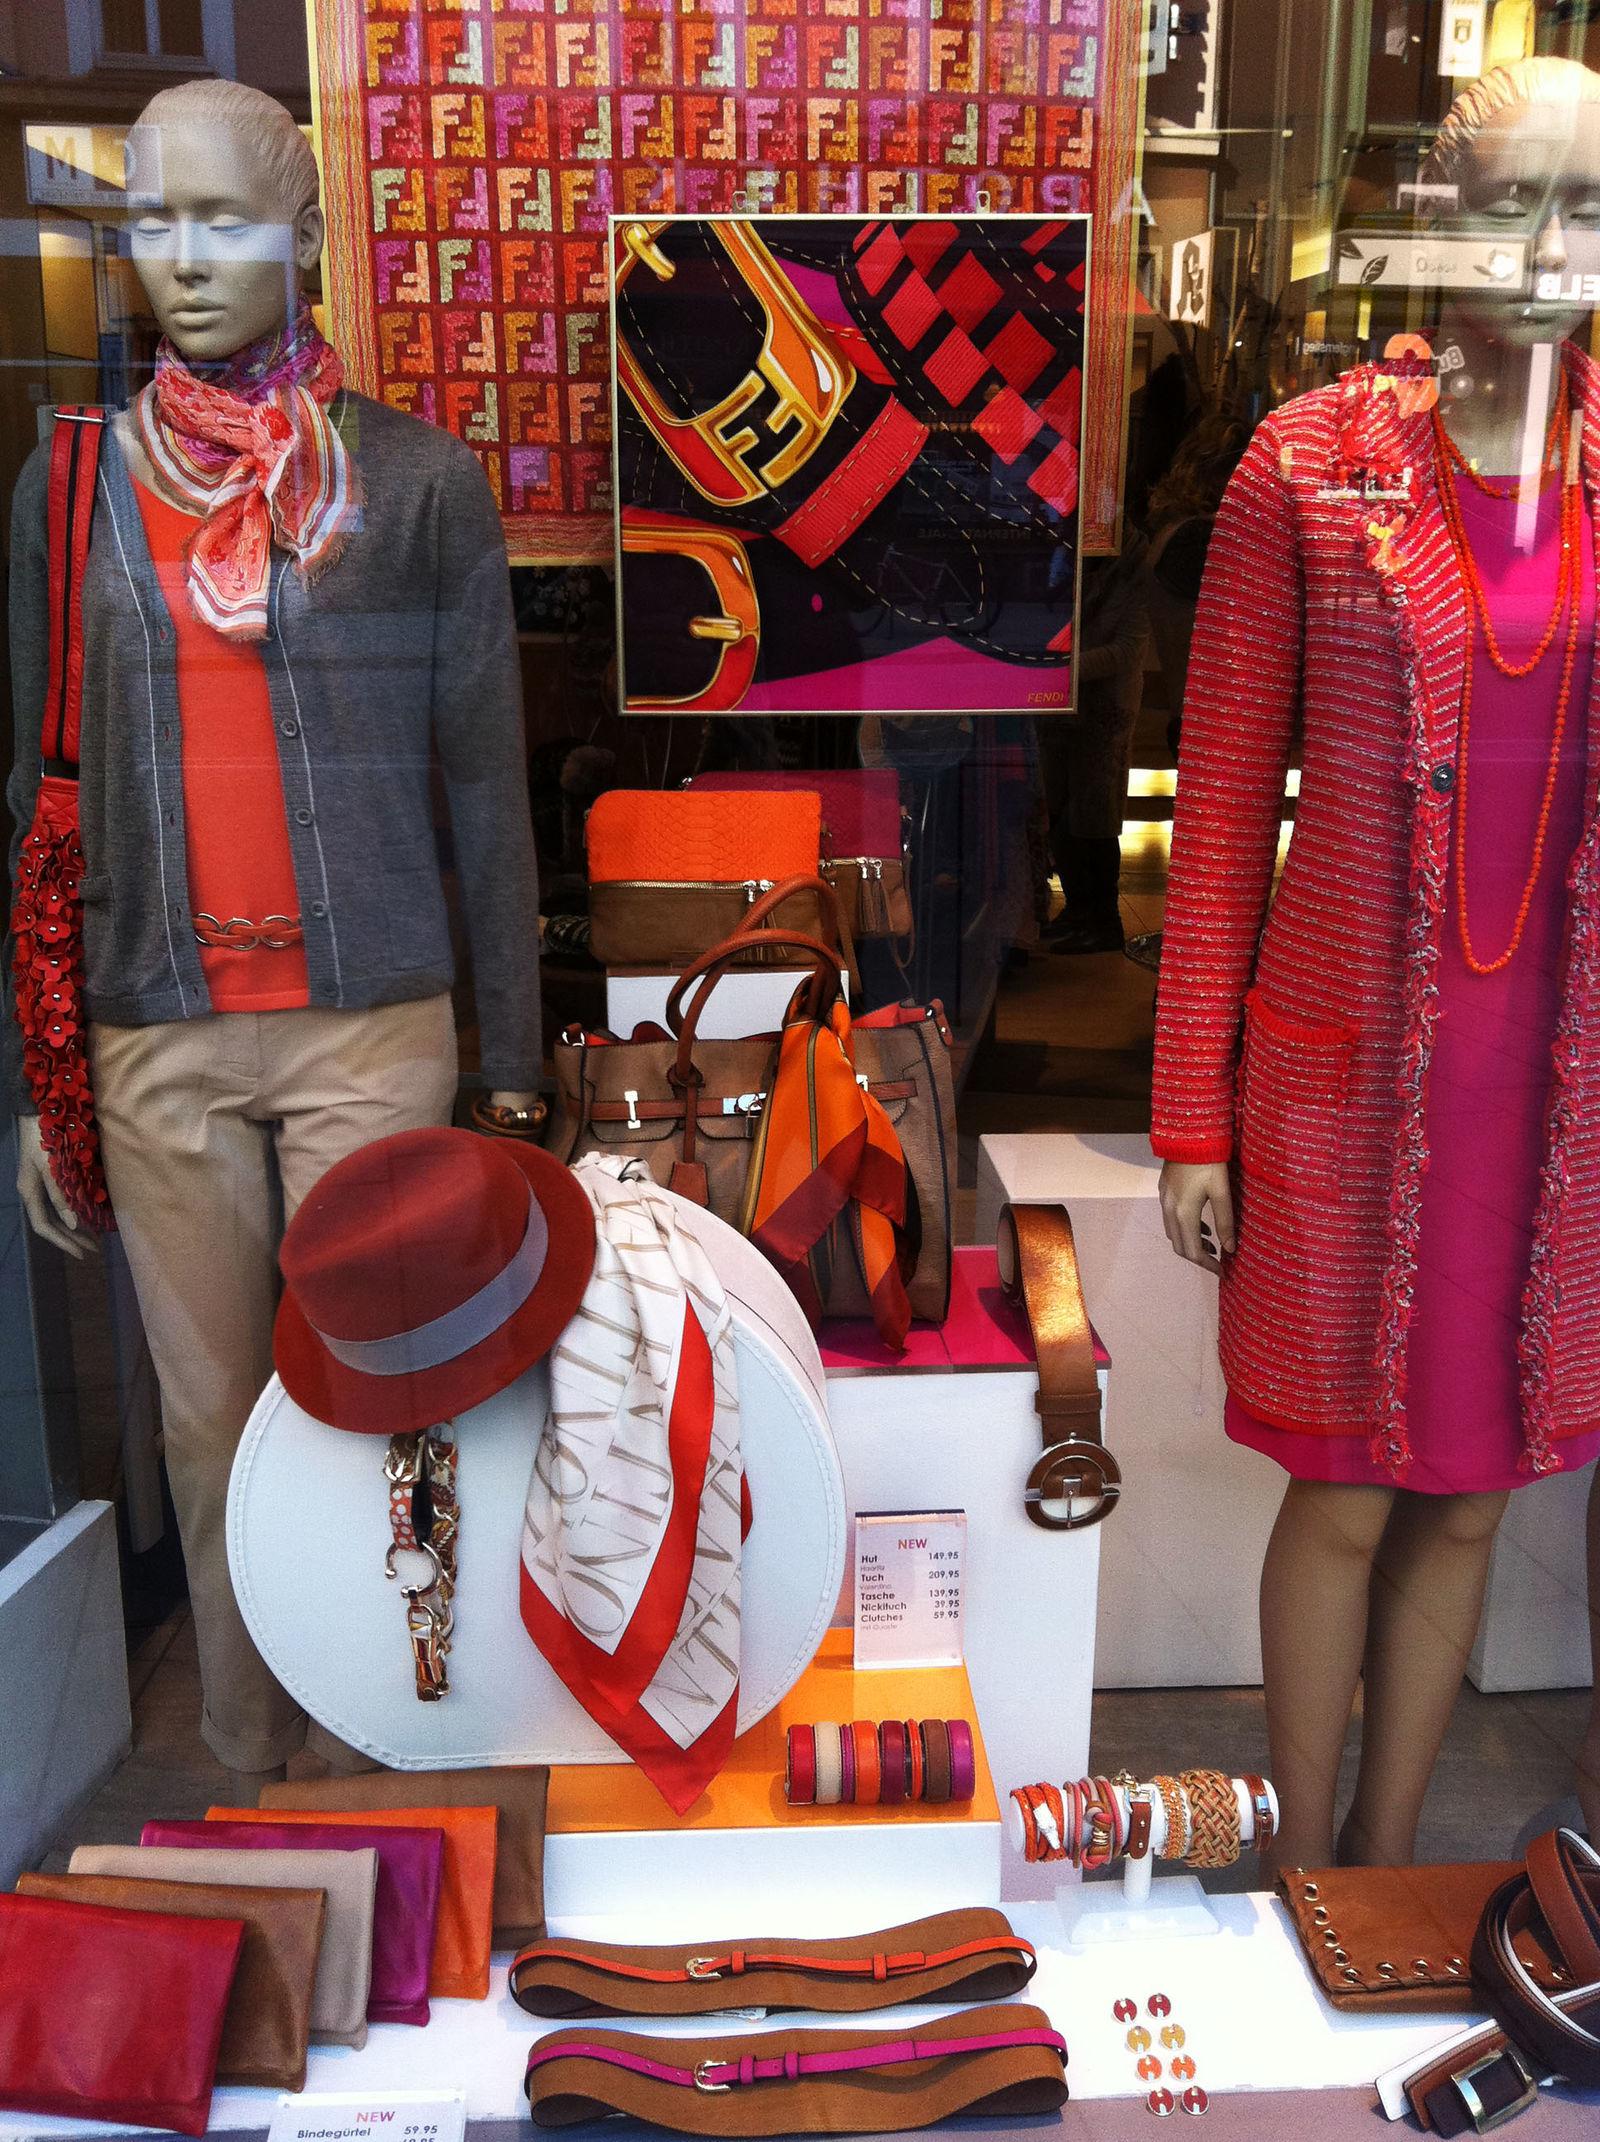 Stegmann mode & accessoires in Hamburg (Bild 2)